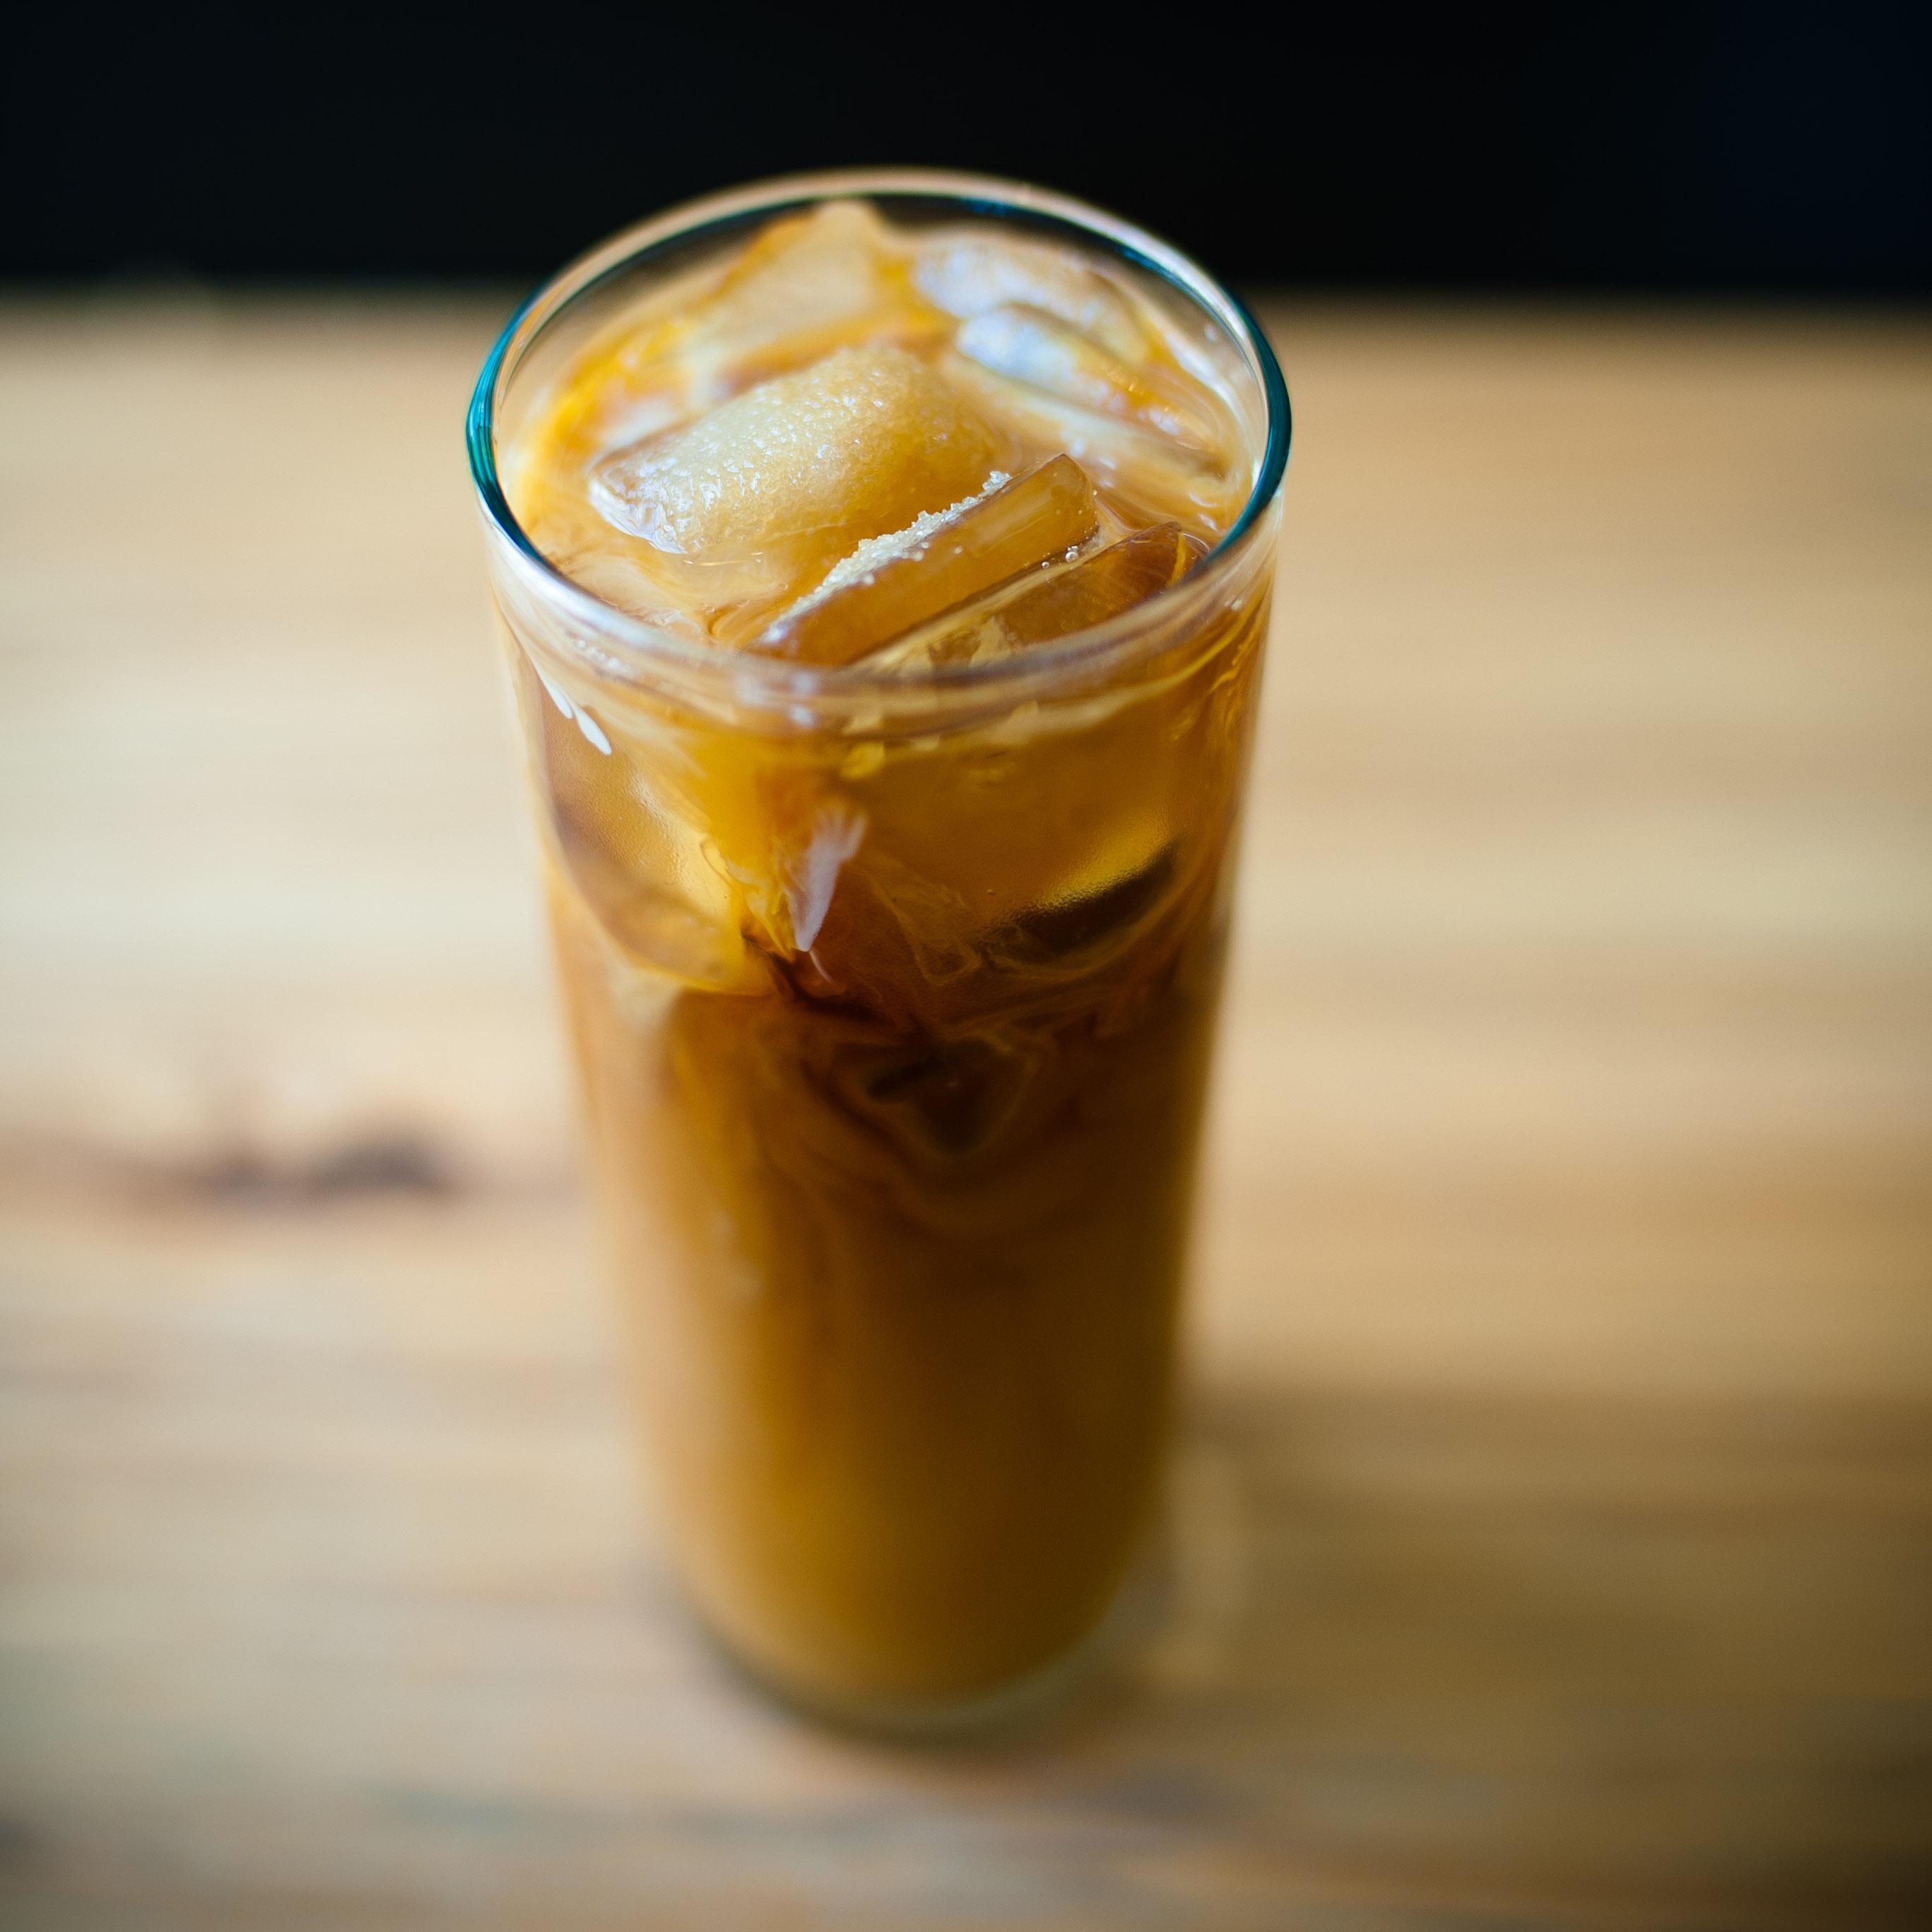 Iced coffee - Wikipedia